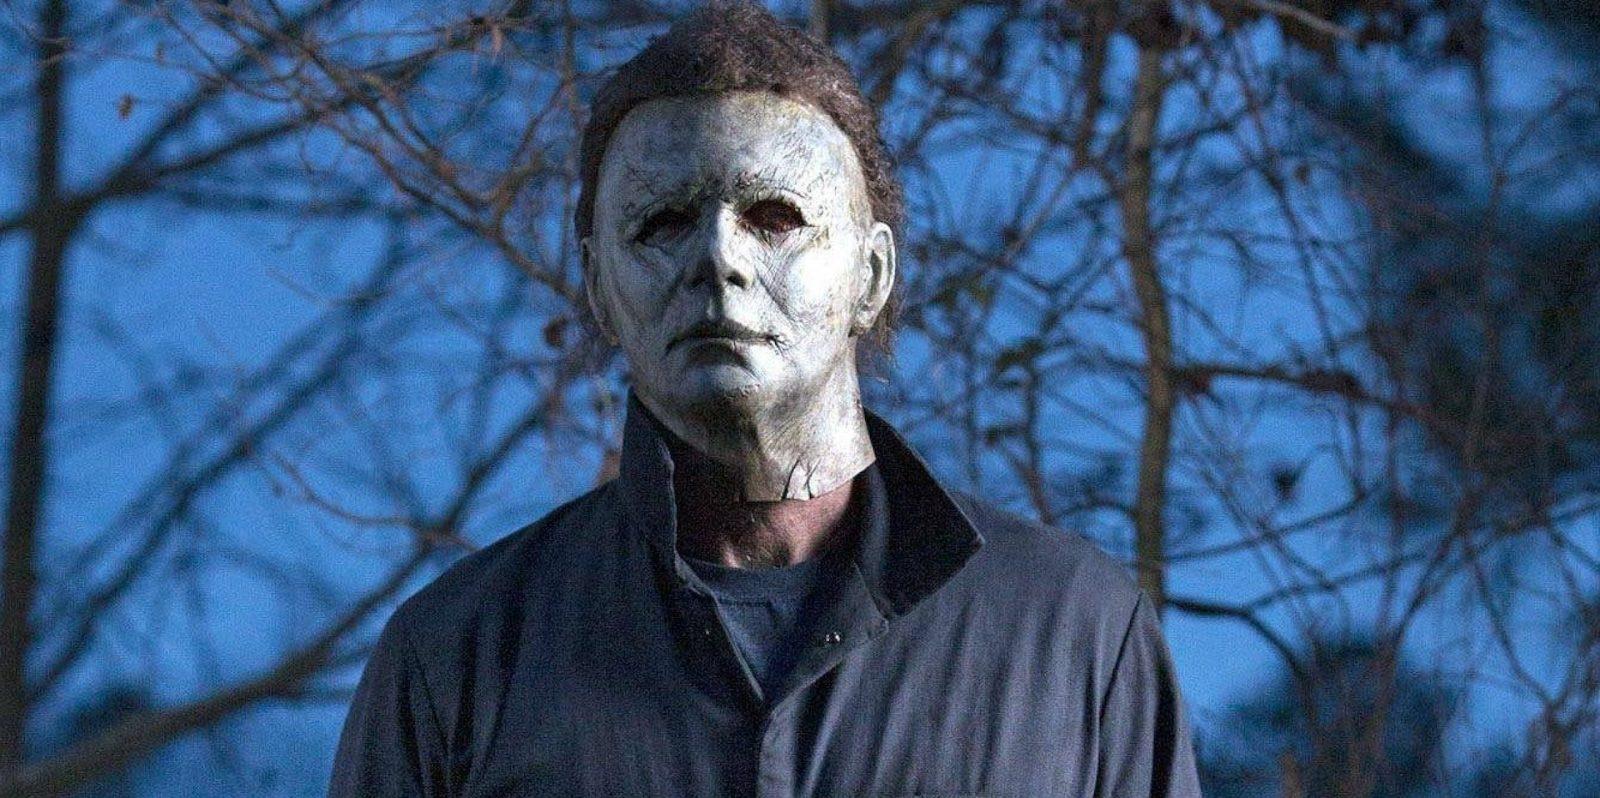 Сиквел «Хэллоуина» запущен в производство